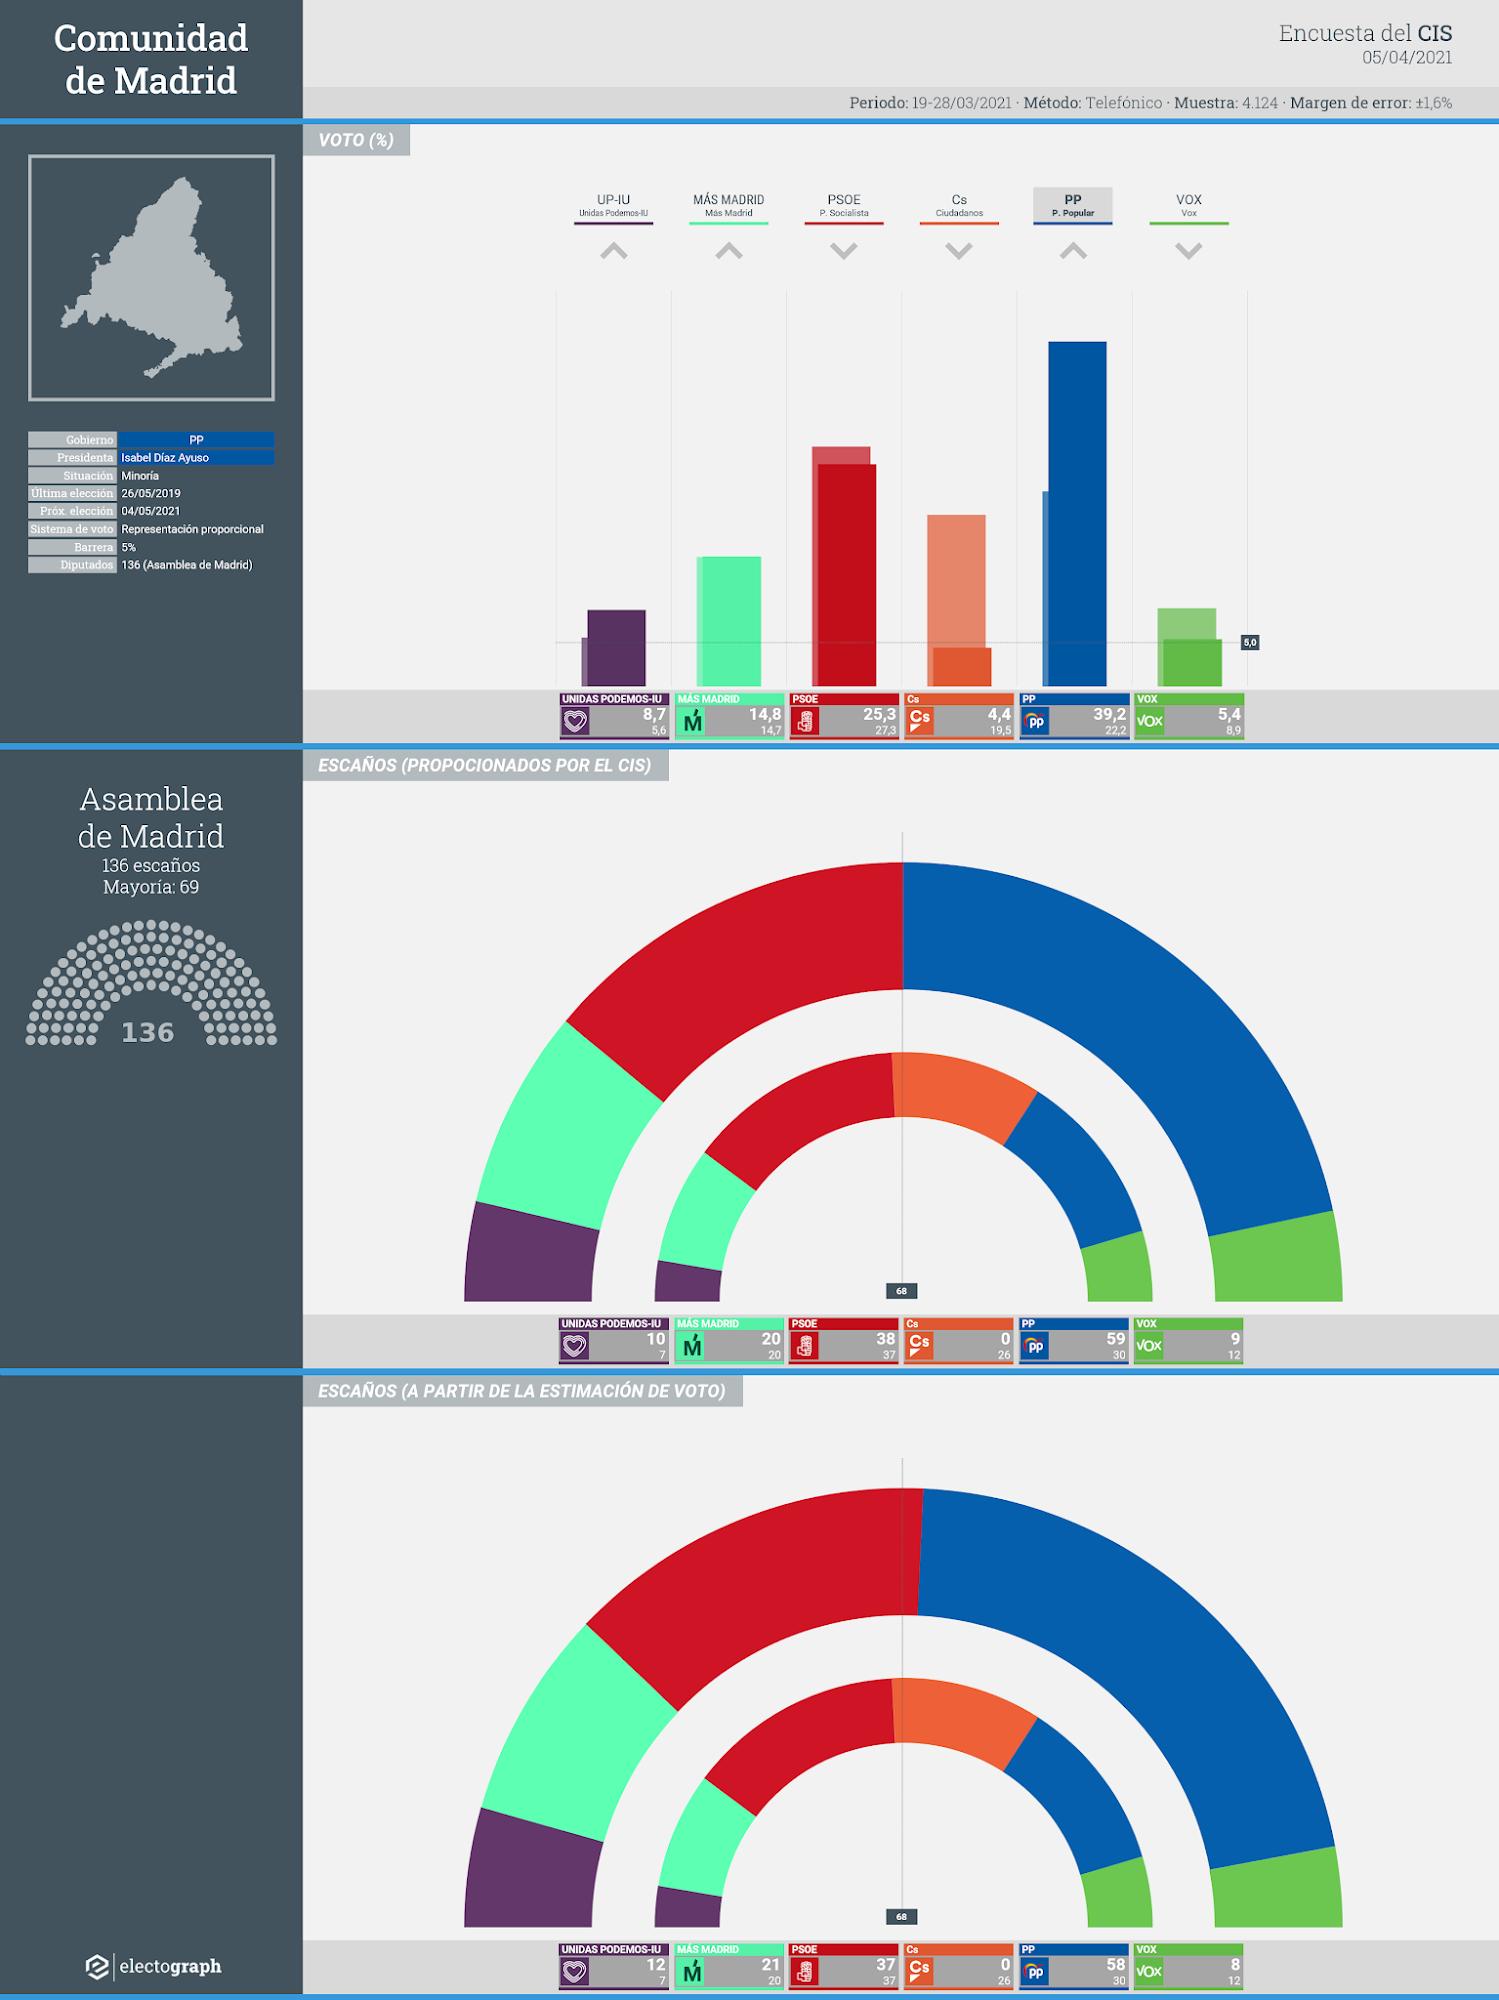 Gráfico de la encuesta para elecciones autonómicas en la Comunidad de Madrid realizada por el CIS, 5 de abril de 2021